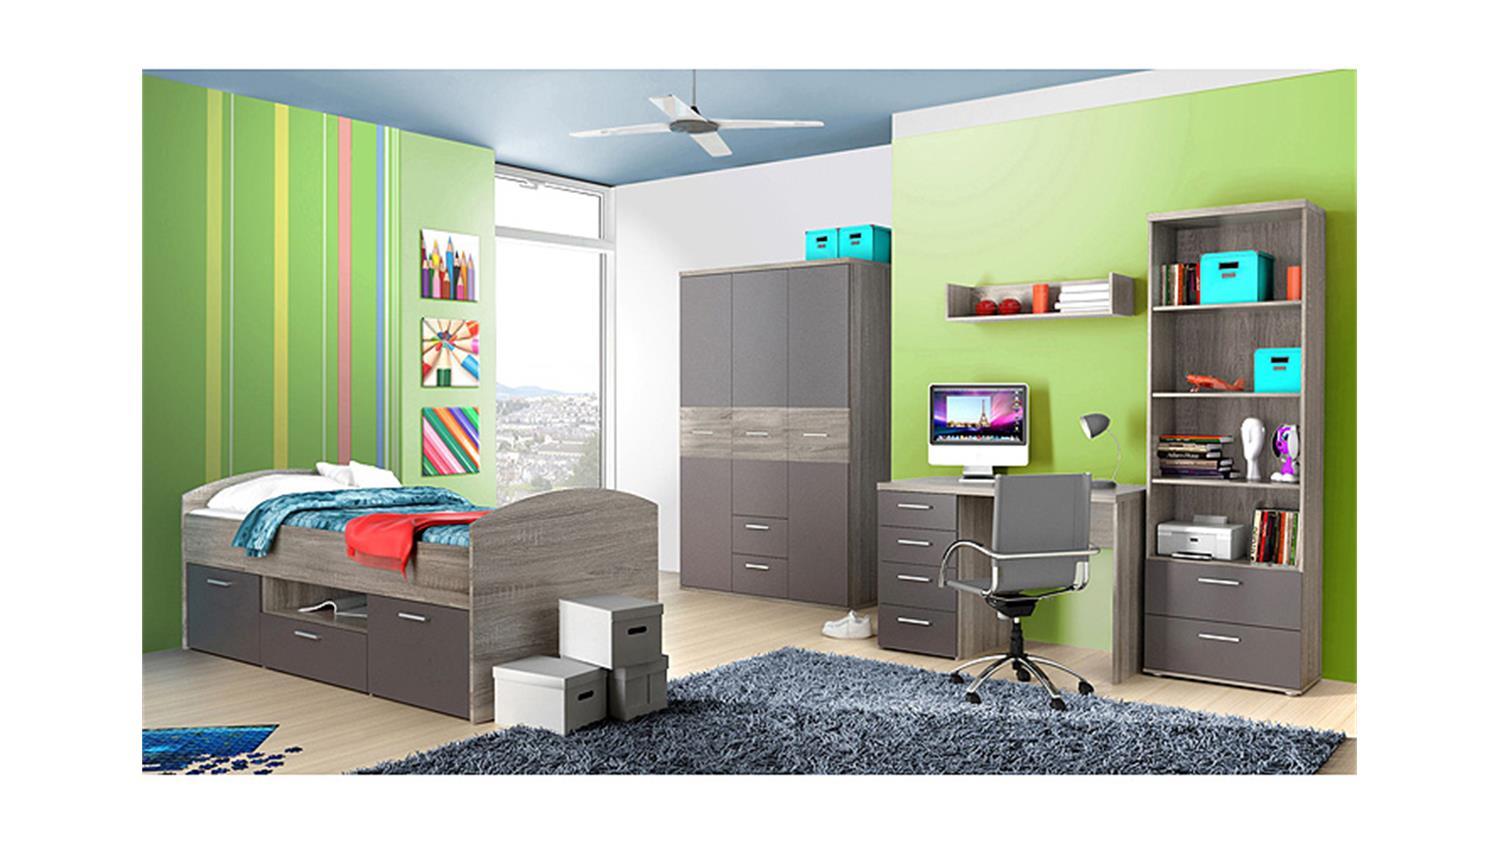 Jugendzimmer JIMMY Kinderzimmer Sonoma Eiche grau matt